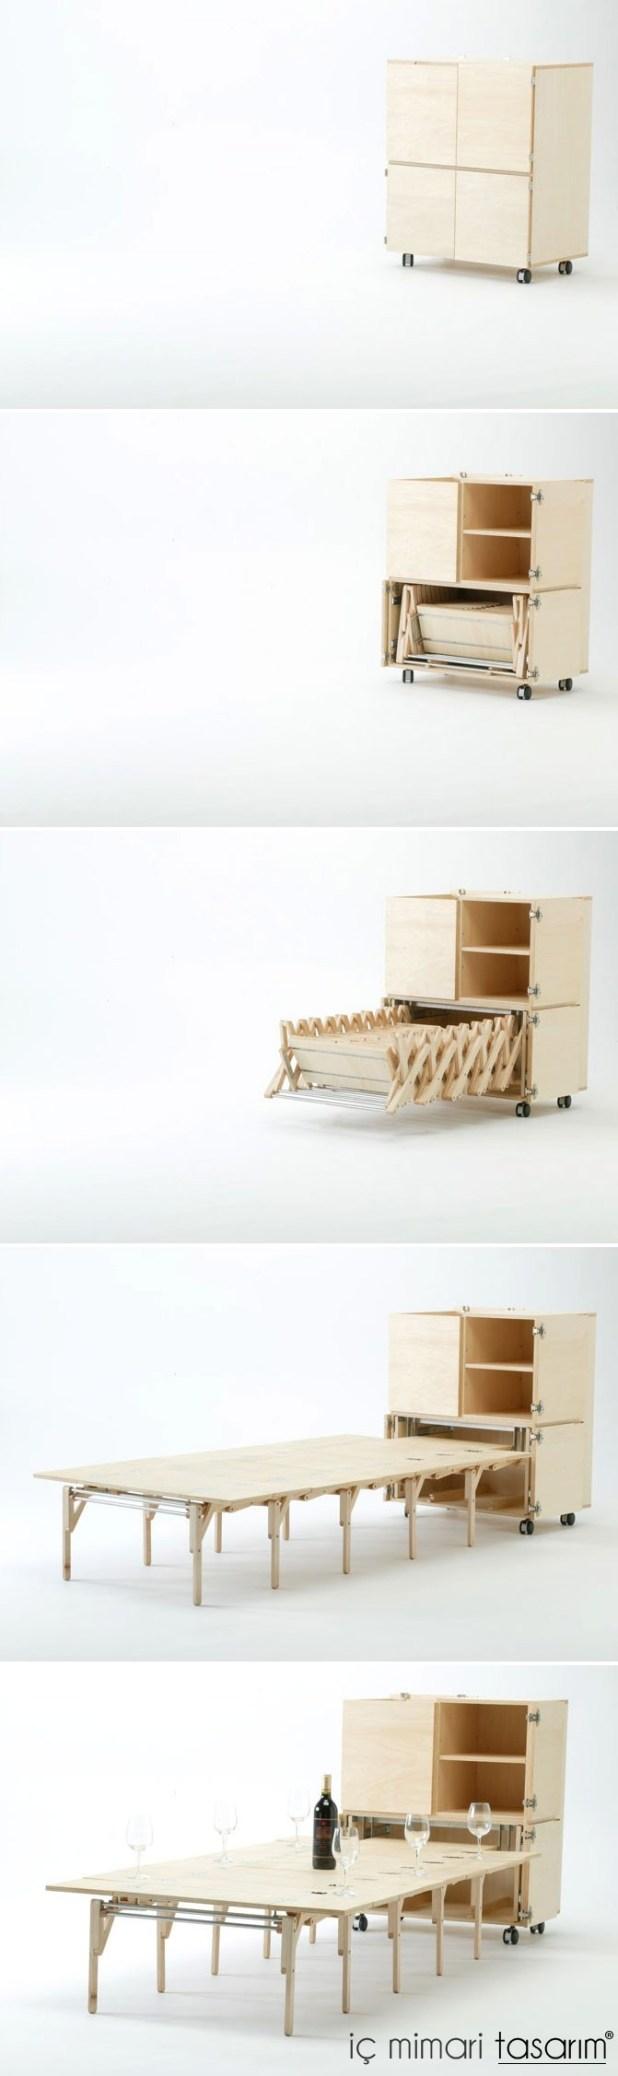 muhteşem-açılır-kapanır-masa-tasarımları (16)